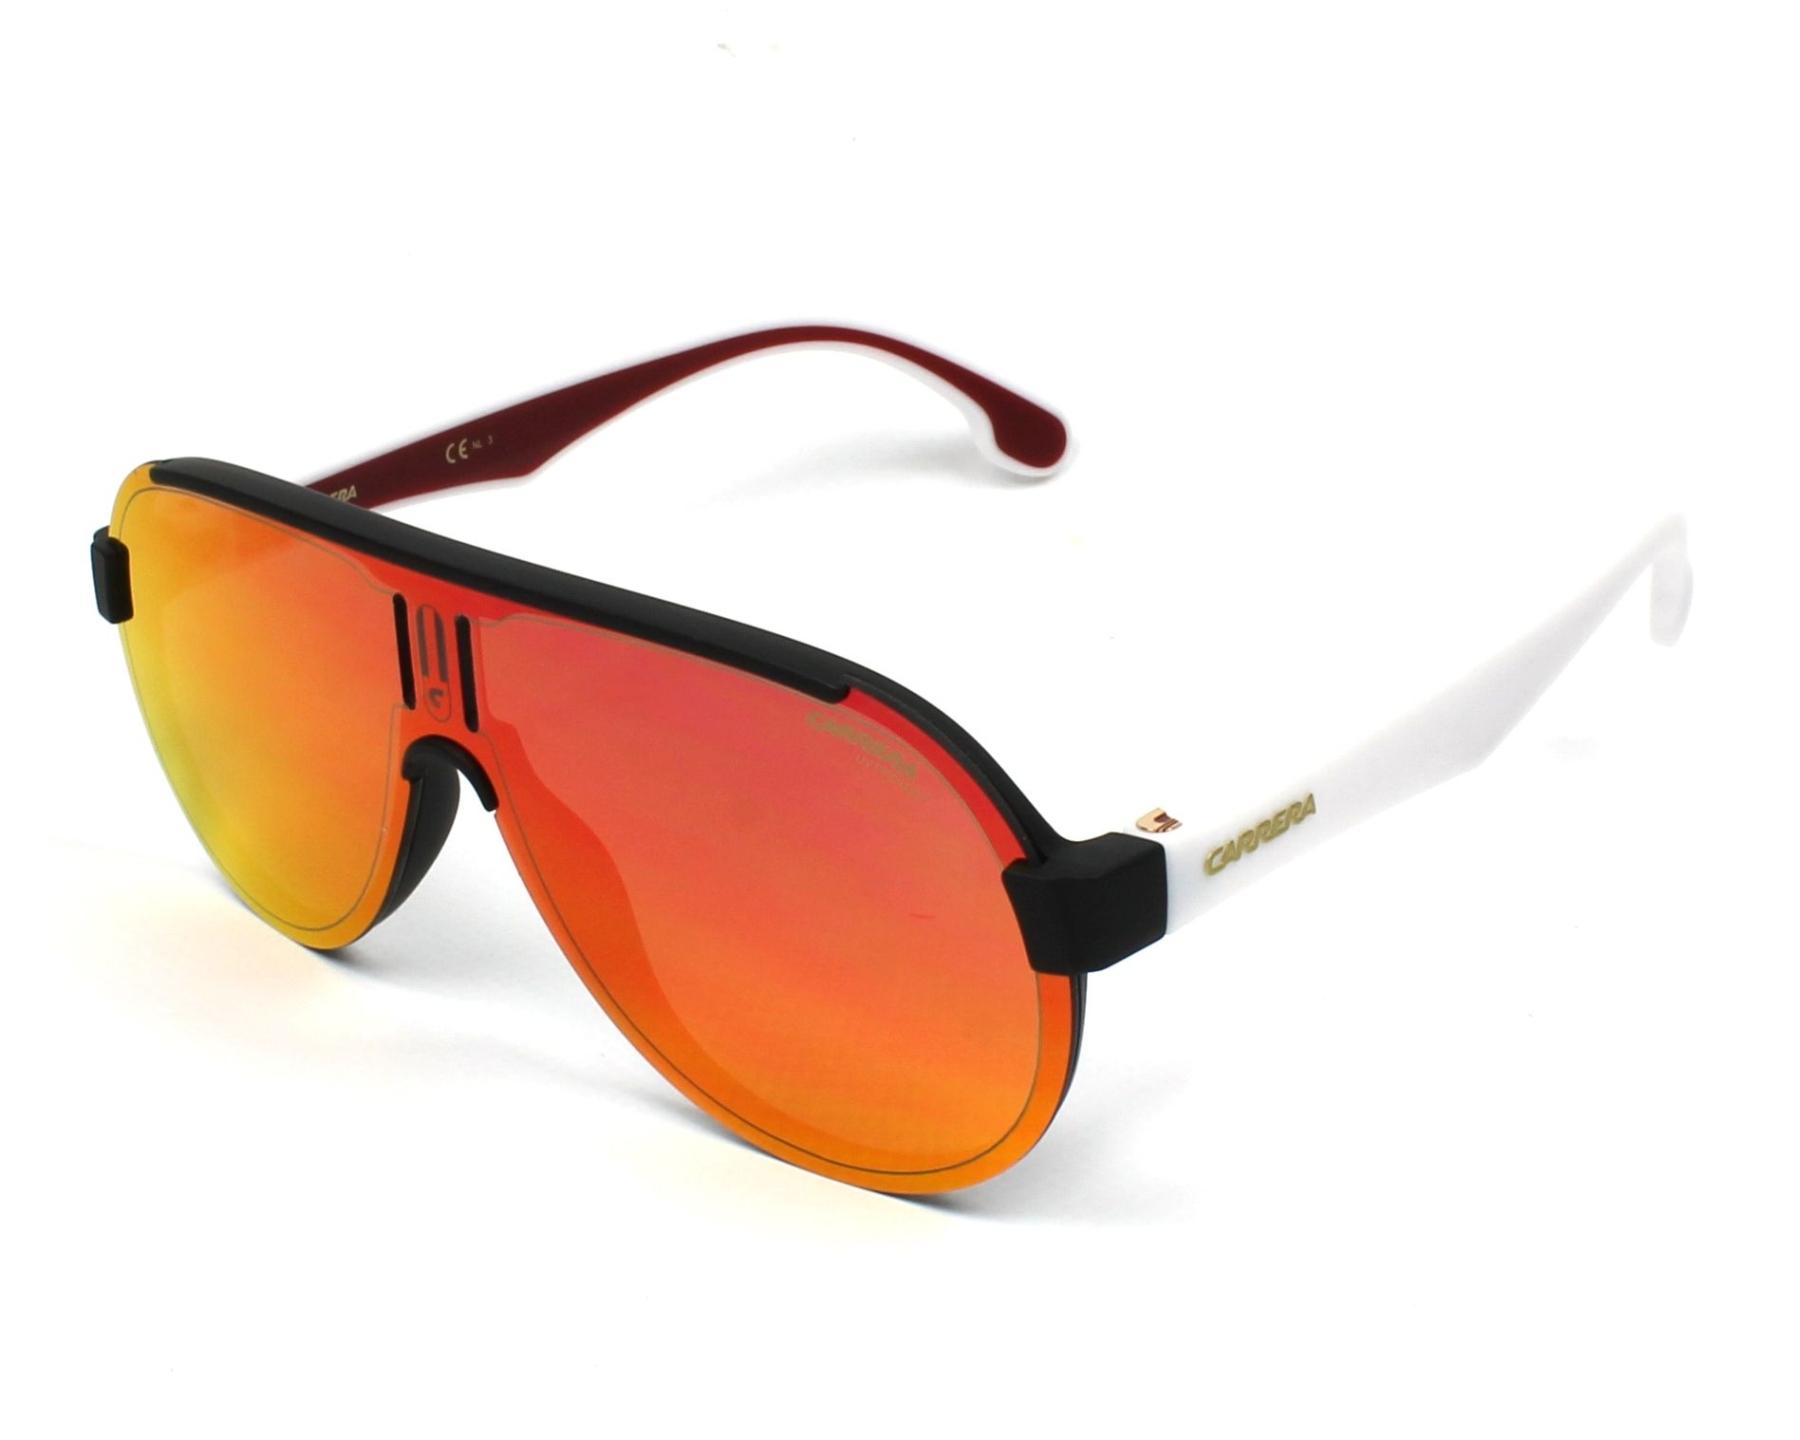 02f49f1e2f Gafas de sol Carrera 1008-S 4NL/UZ - Negra Blanco vista de perfil